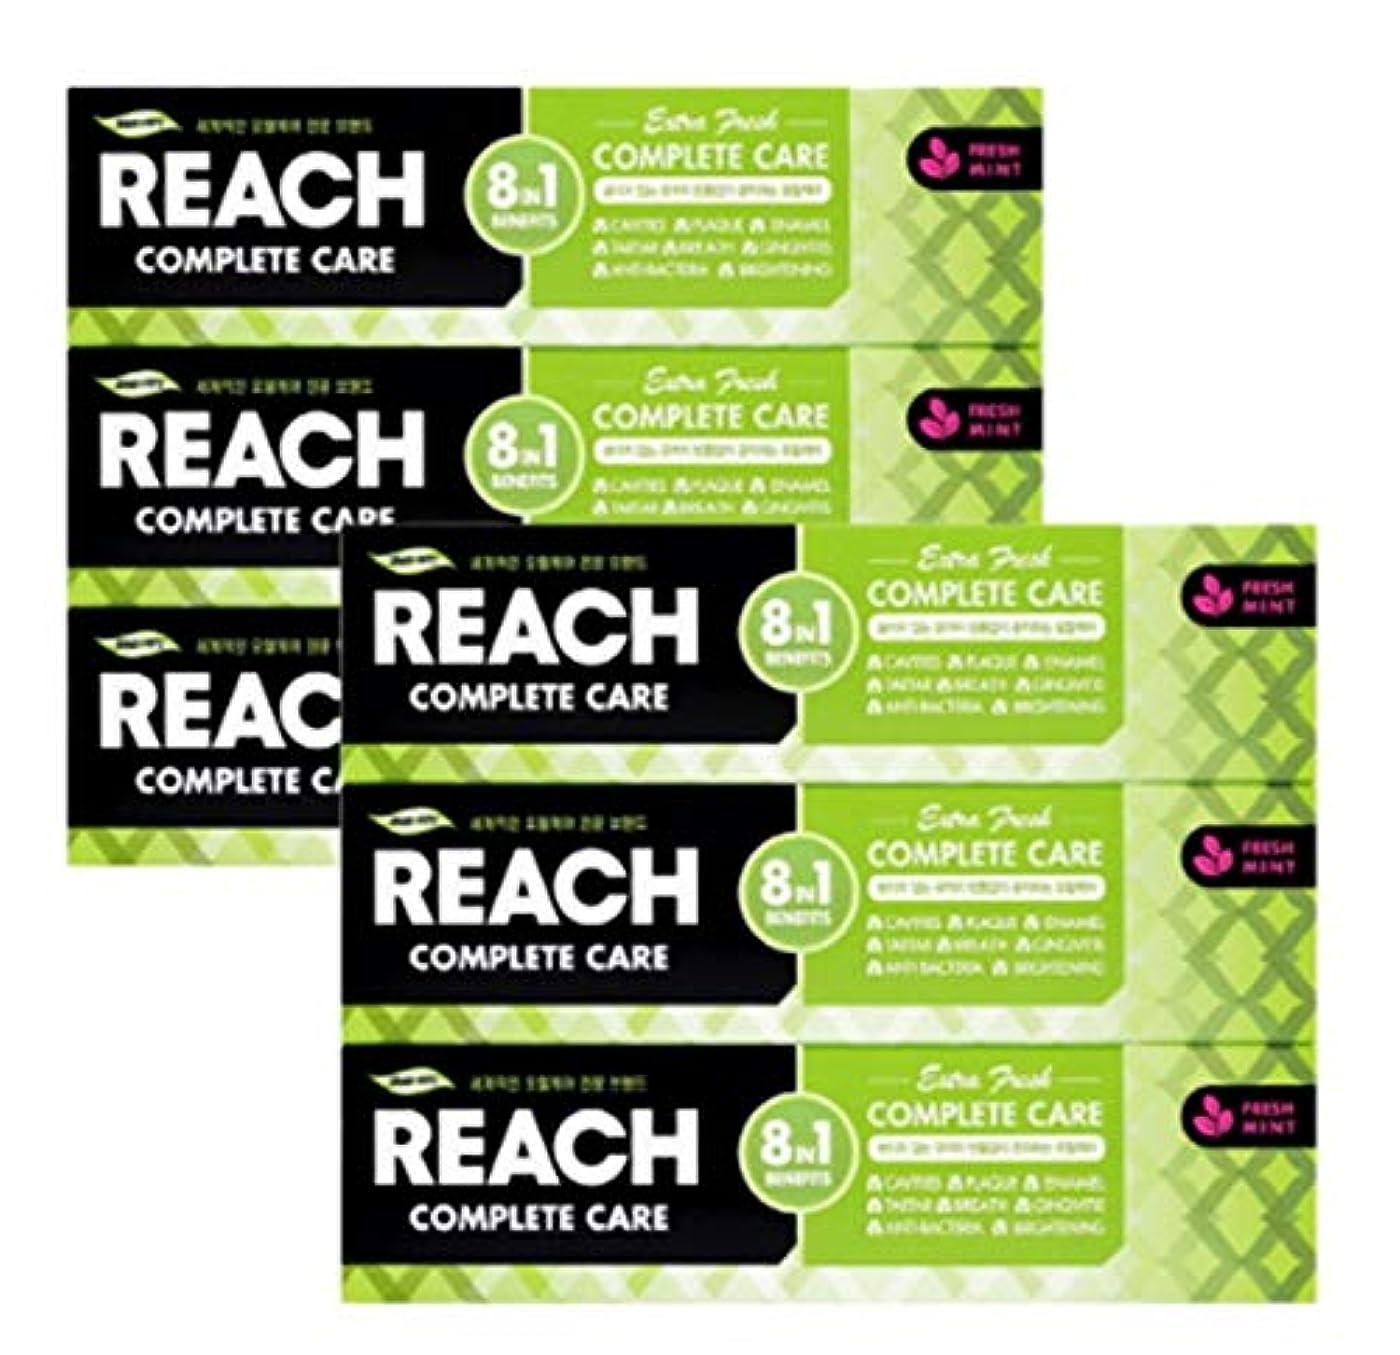 整理するなめらかな語[LG生活と健康] LG Rich Complete Care Toothpaste Extra Freshリッチコンプリートケア歯磨き粉エクストラフレッシュ120gx6つの(海外直送品)